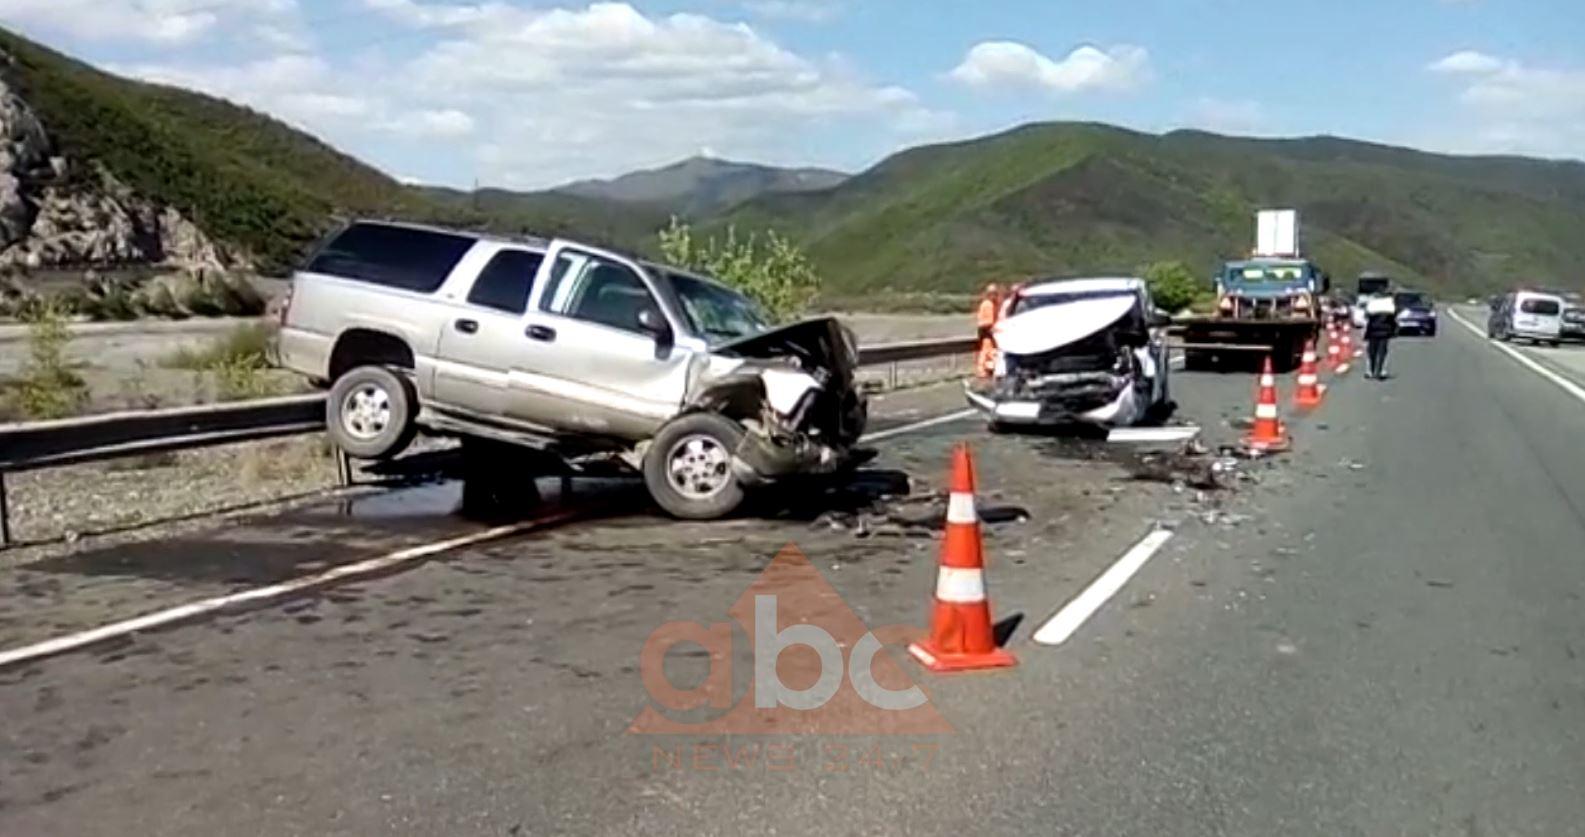 Nga dy aksidente, një i vdekur dhe 5 të plagosur